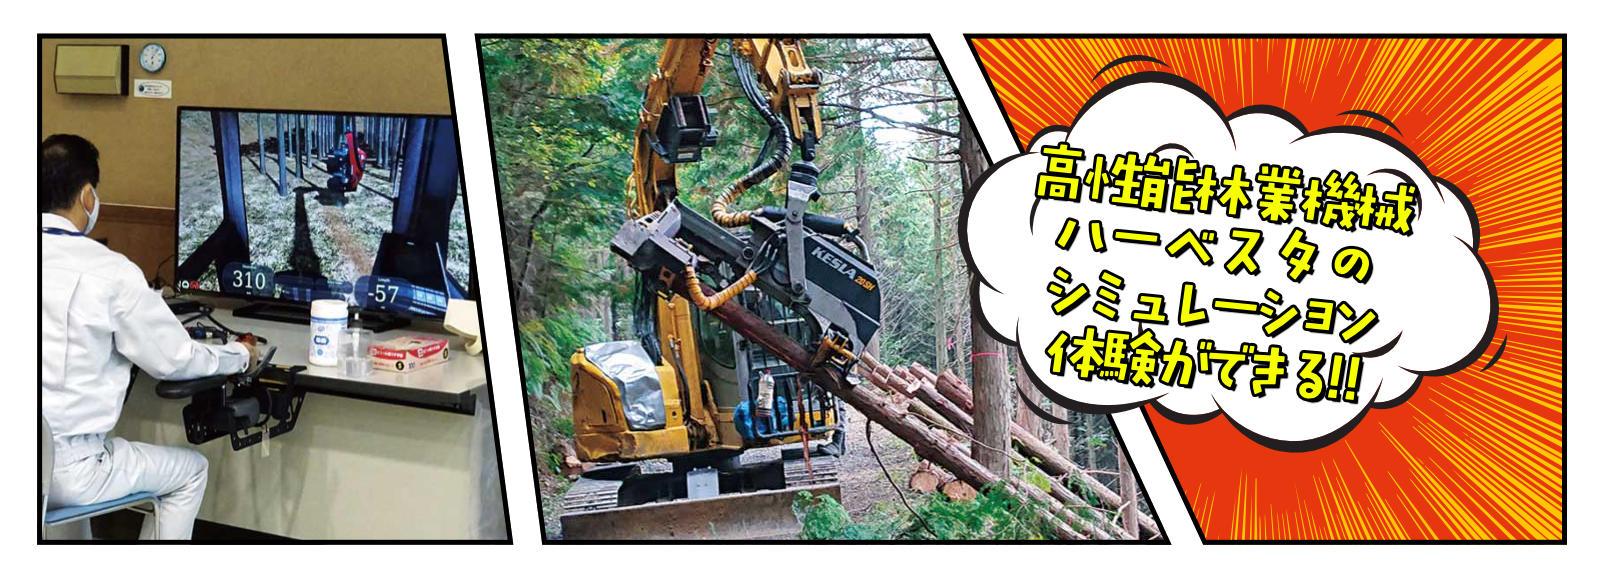 高性能林業機械のシミュレーション体験ができまる